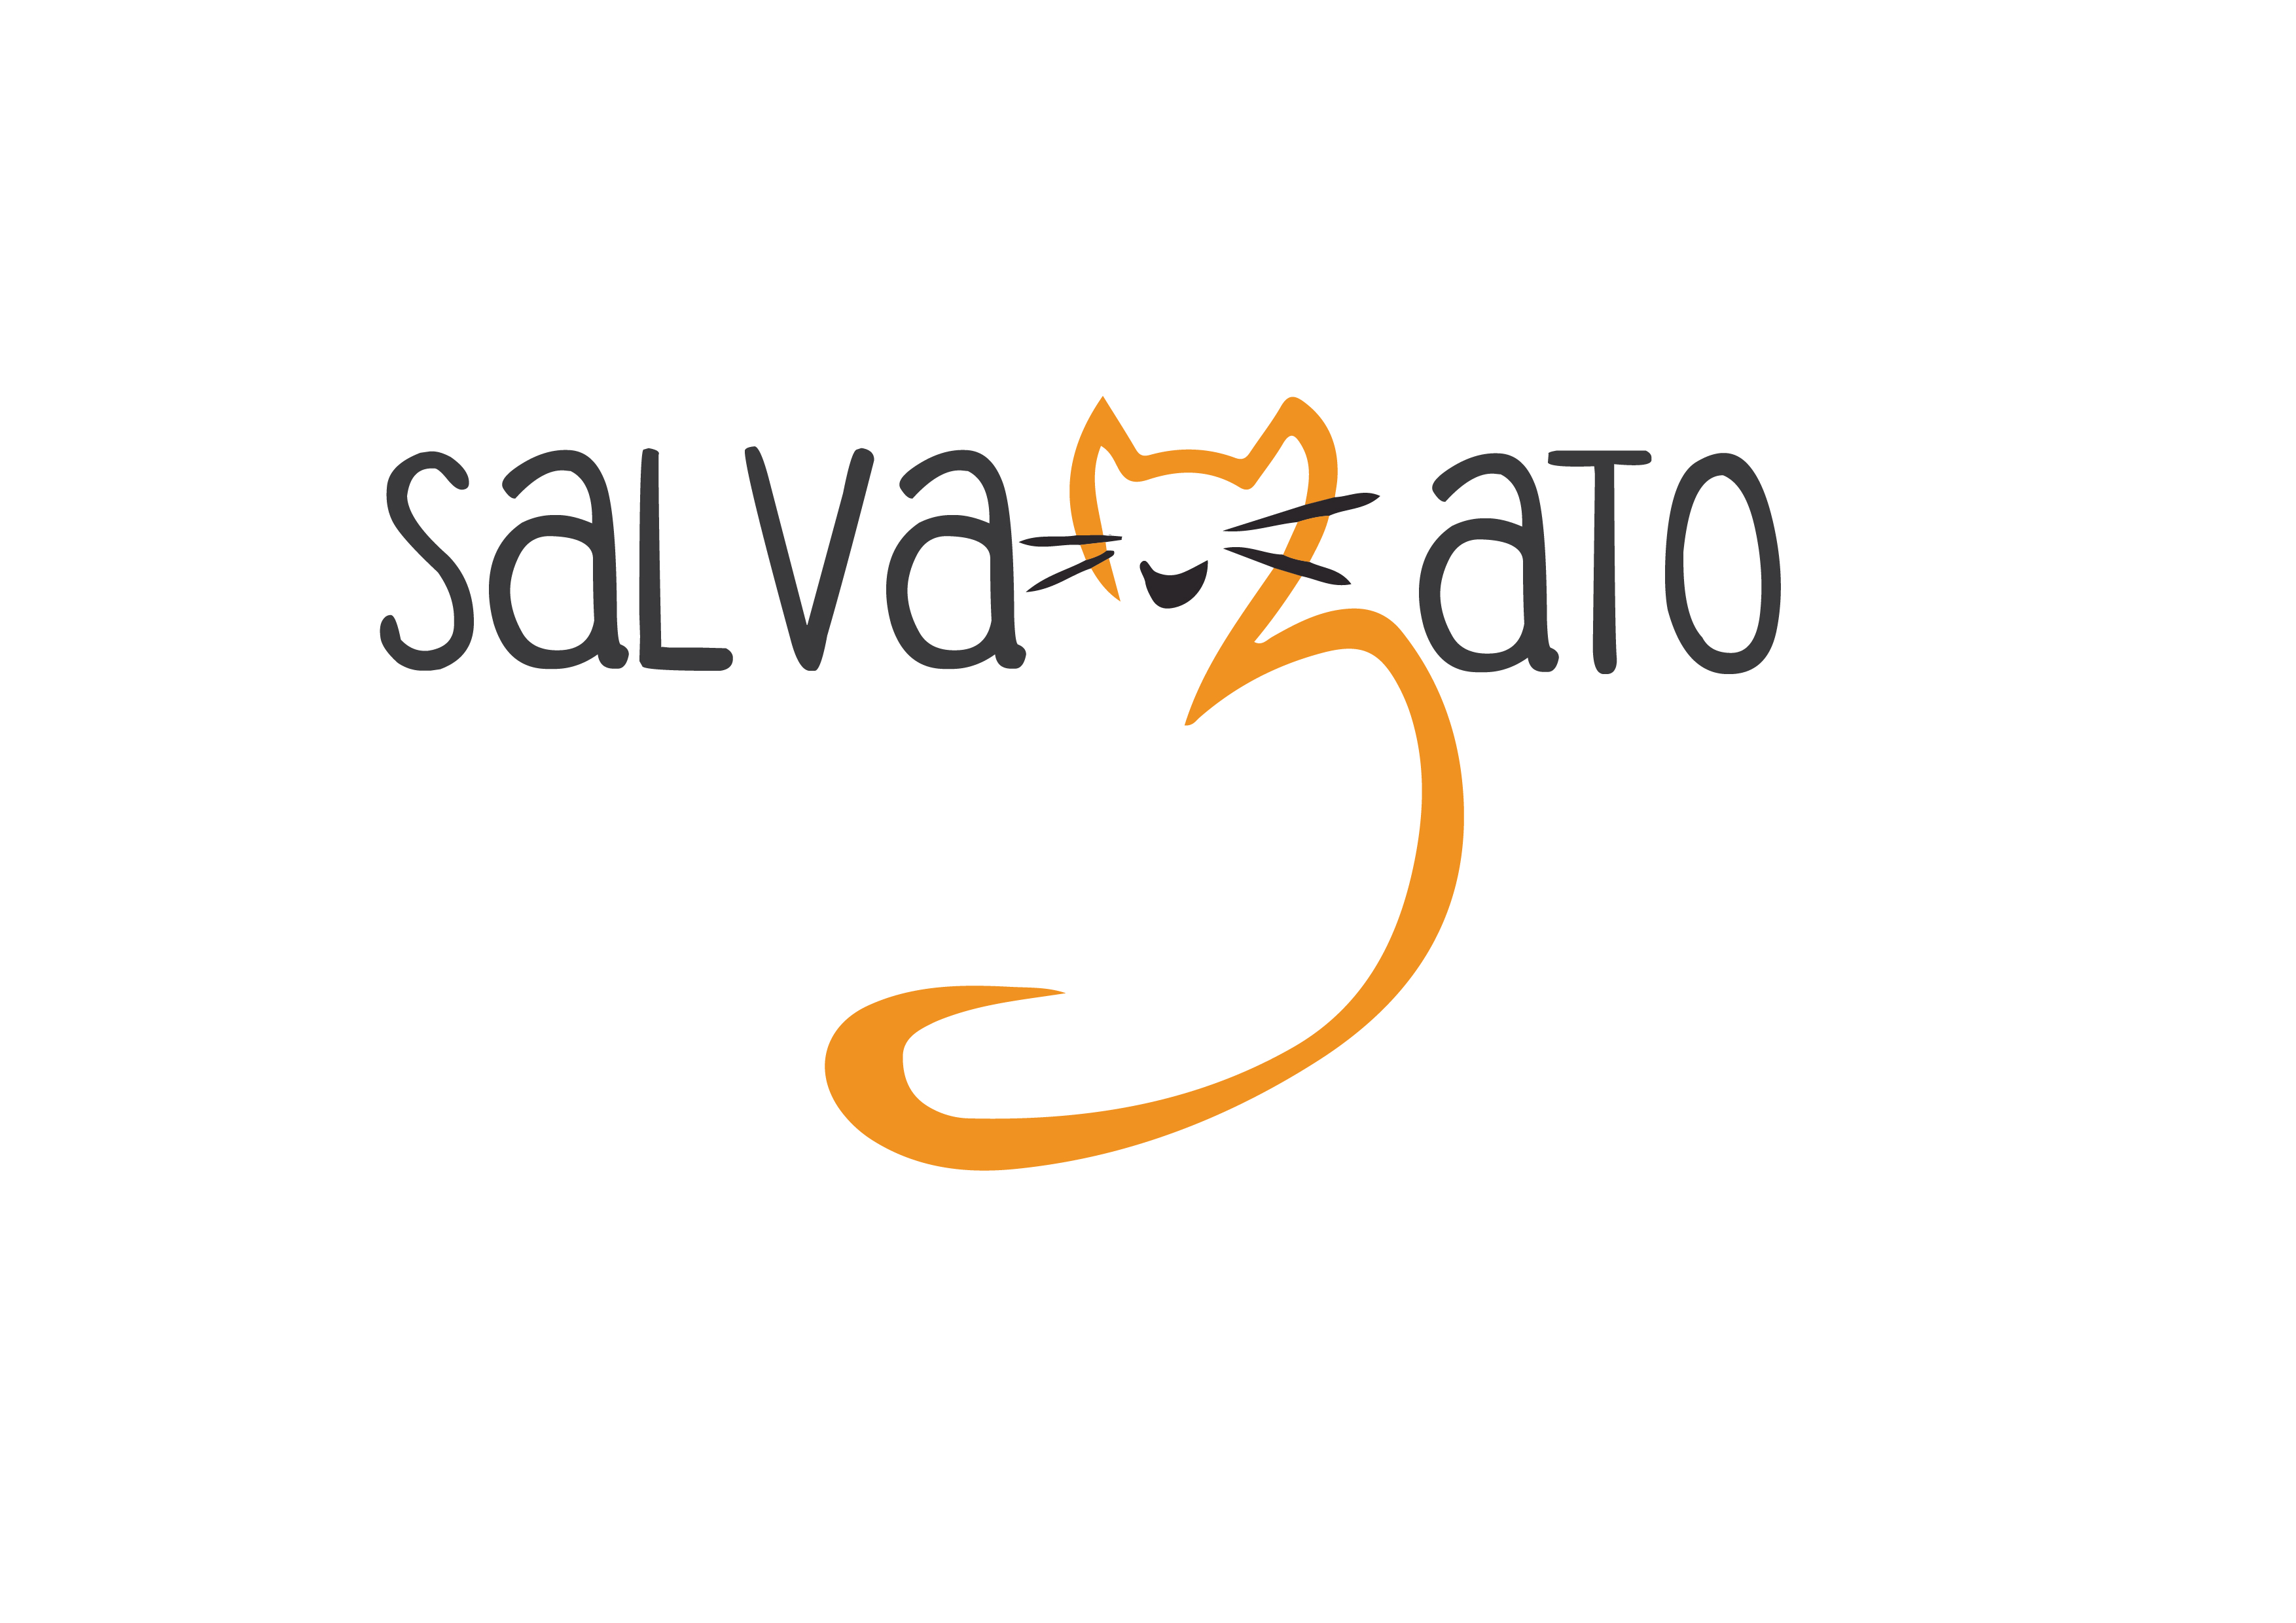 SALVAGATO